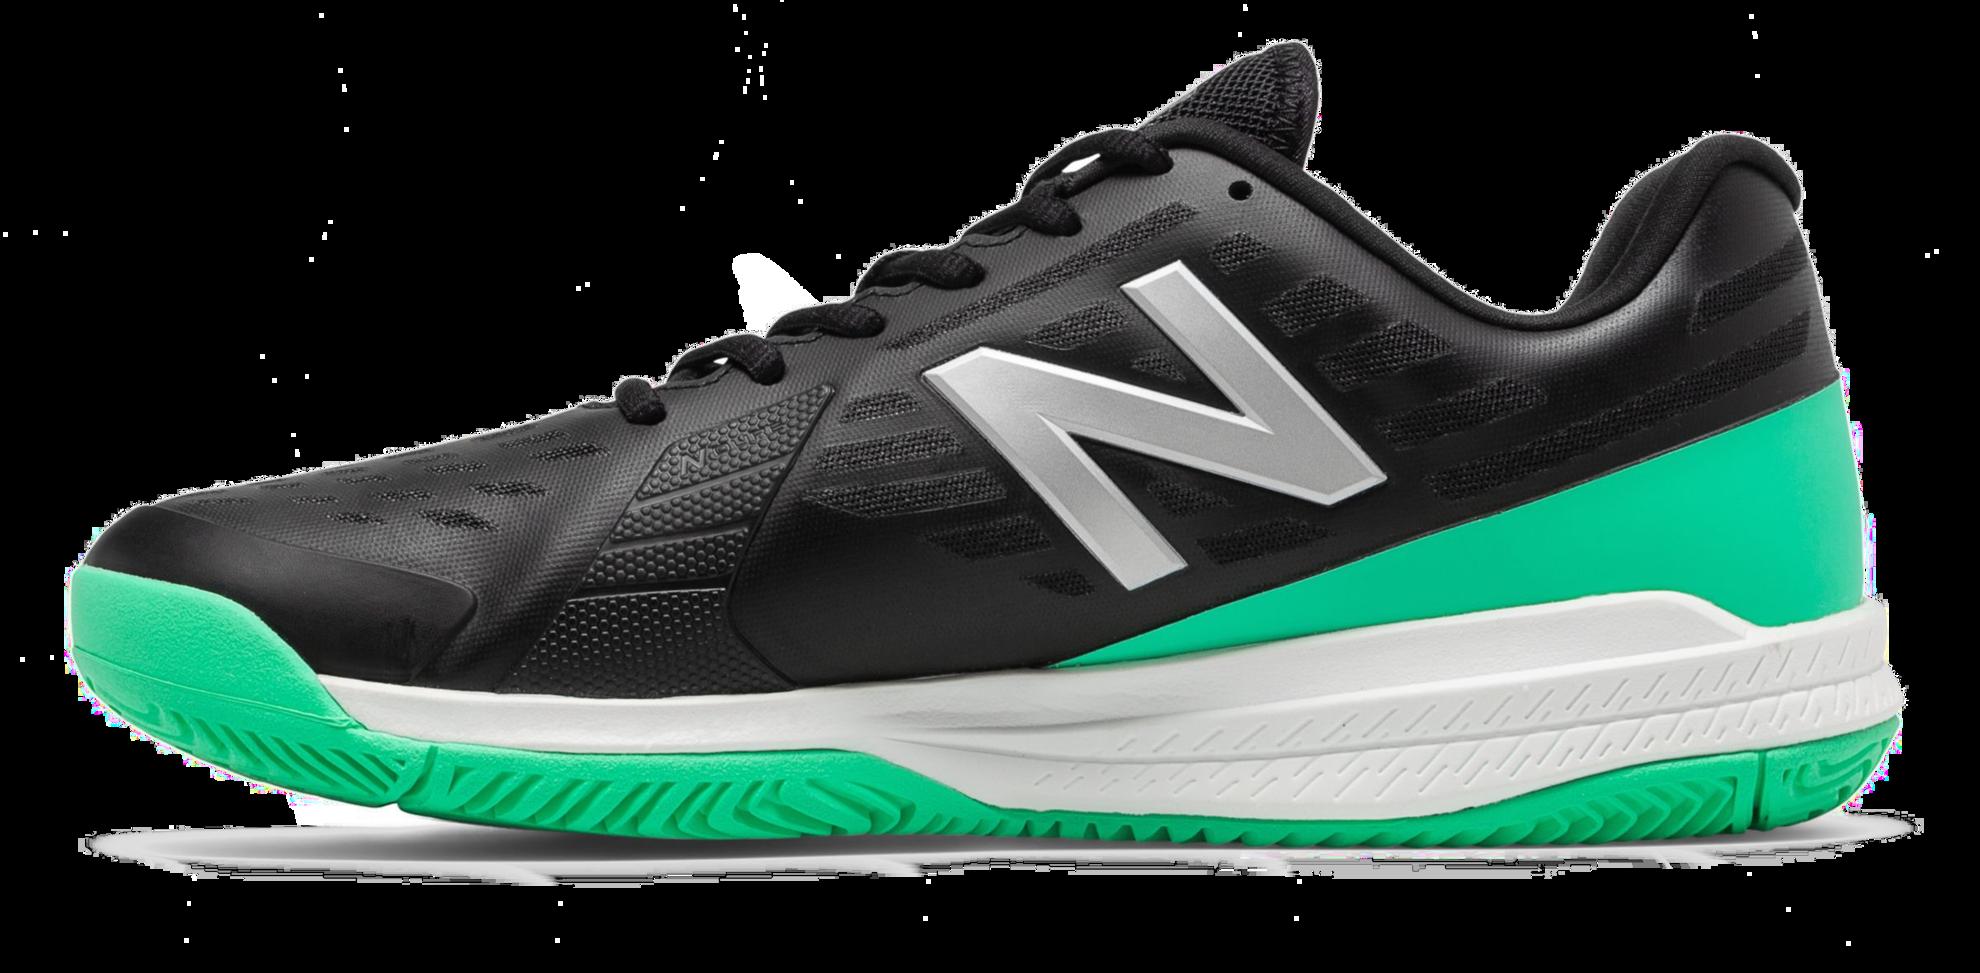 scarpa new balance nera